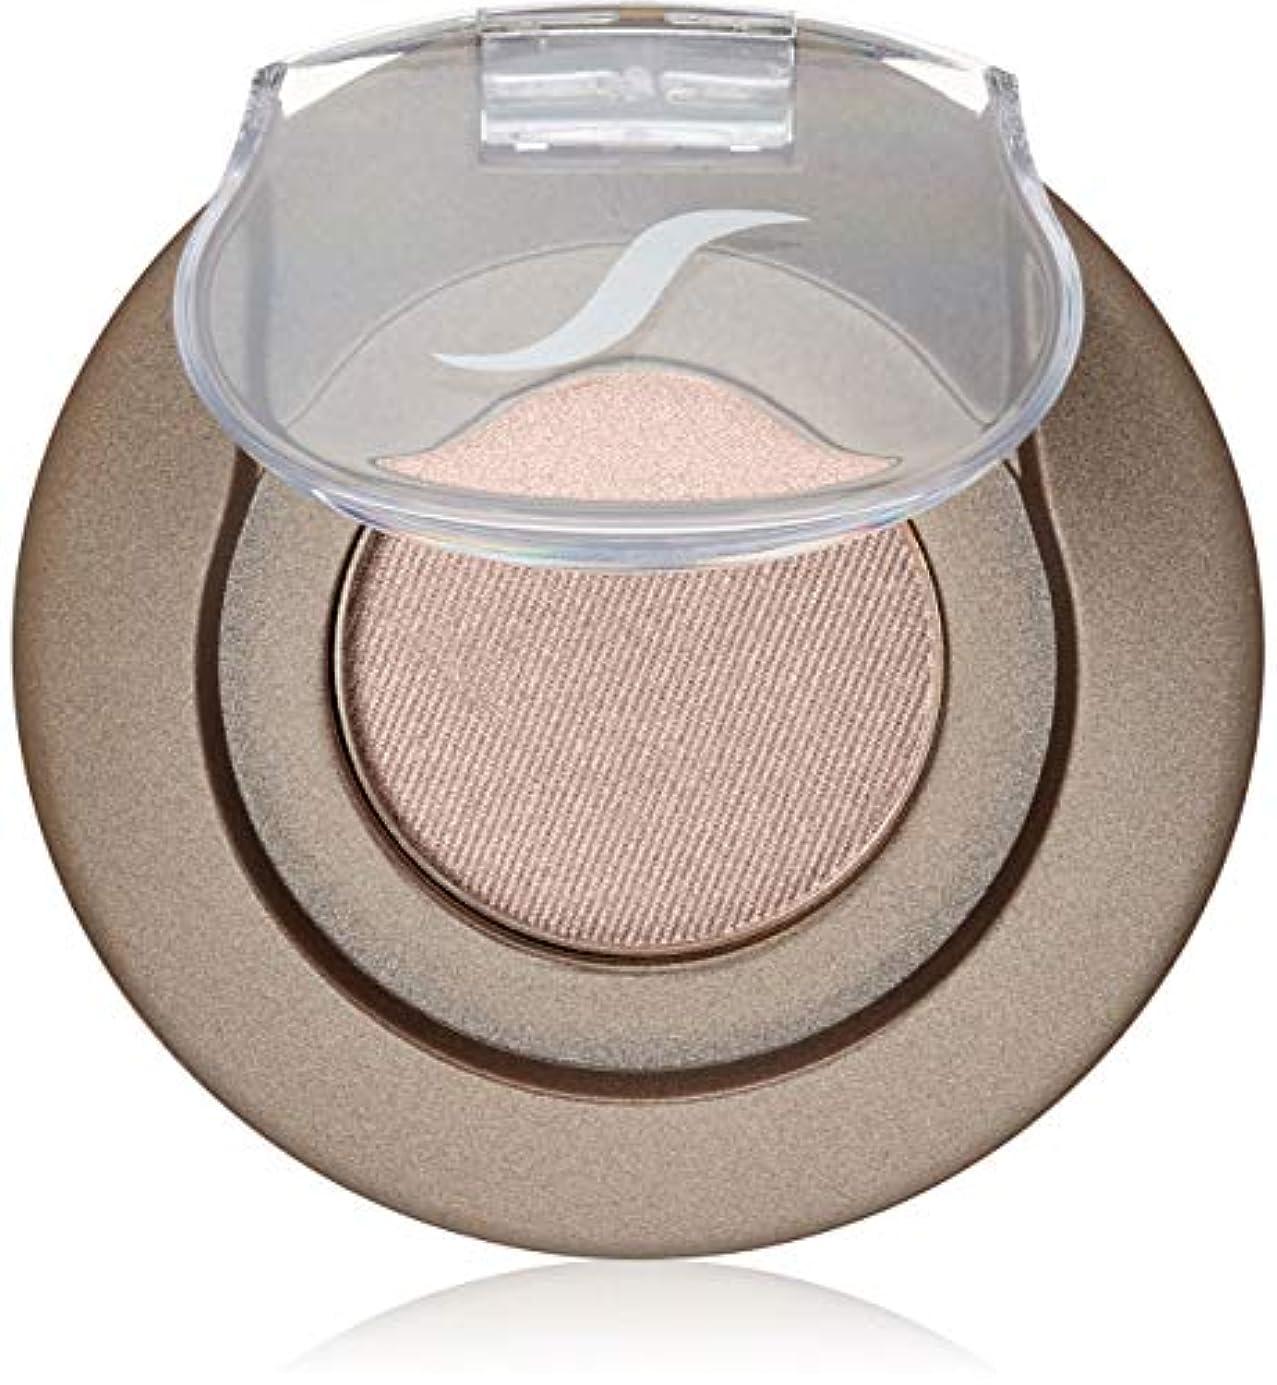 竜巻雄大な限りSorme' Treatment Cosmetics Sorme化粧品ミネラルボタニカルアイシャドー、0.05オンス 0.05オンス フラッシュ